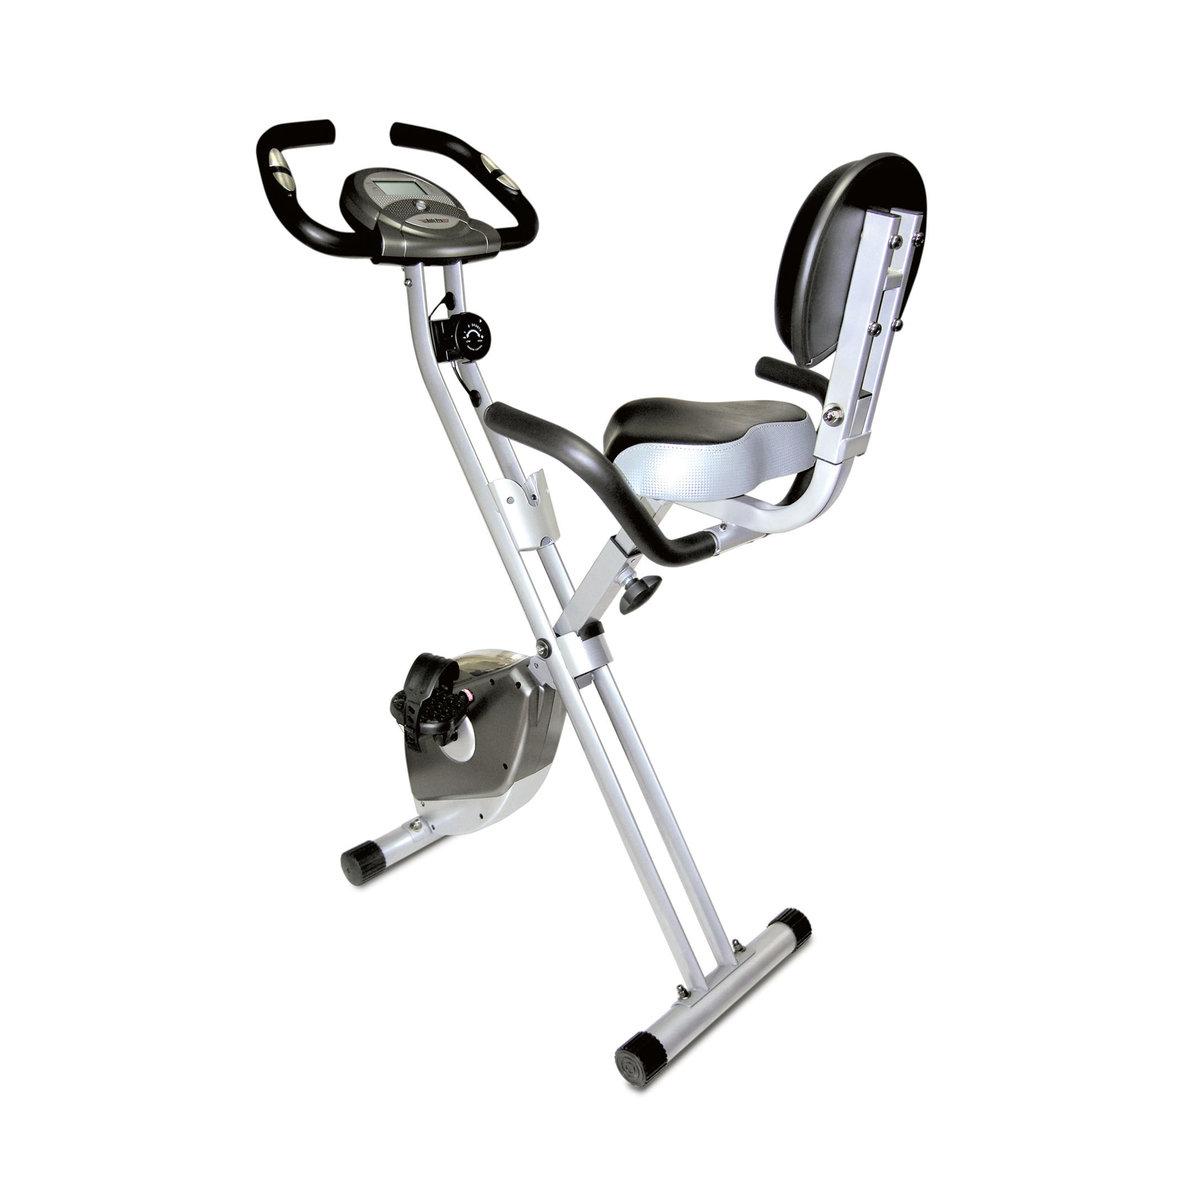 X-Bike (silver) - MXBP8SL